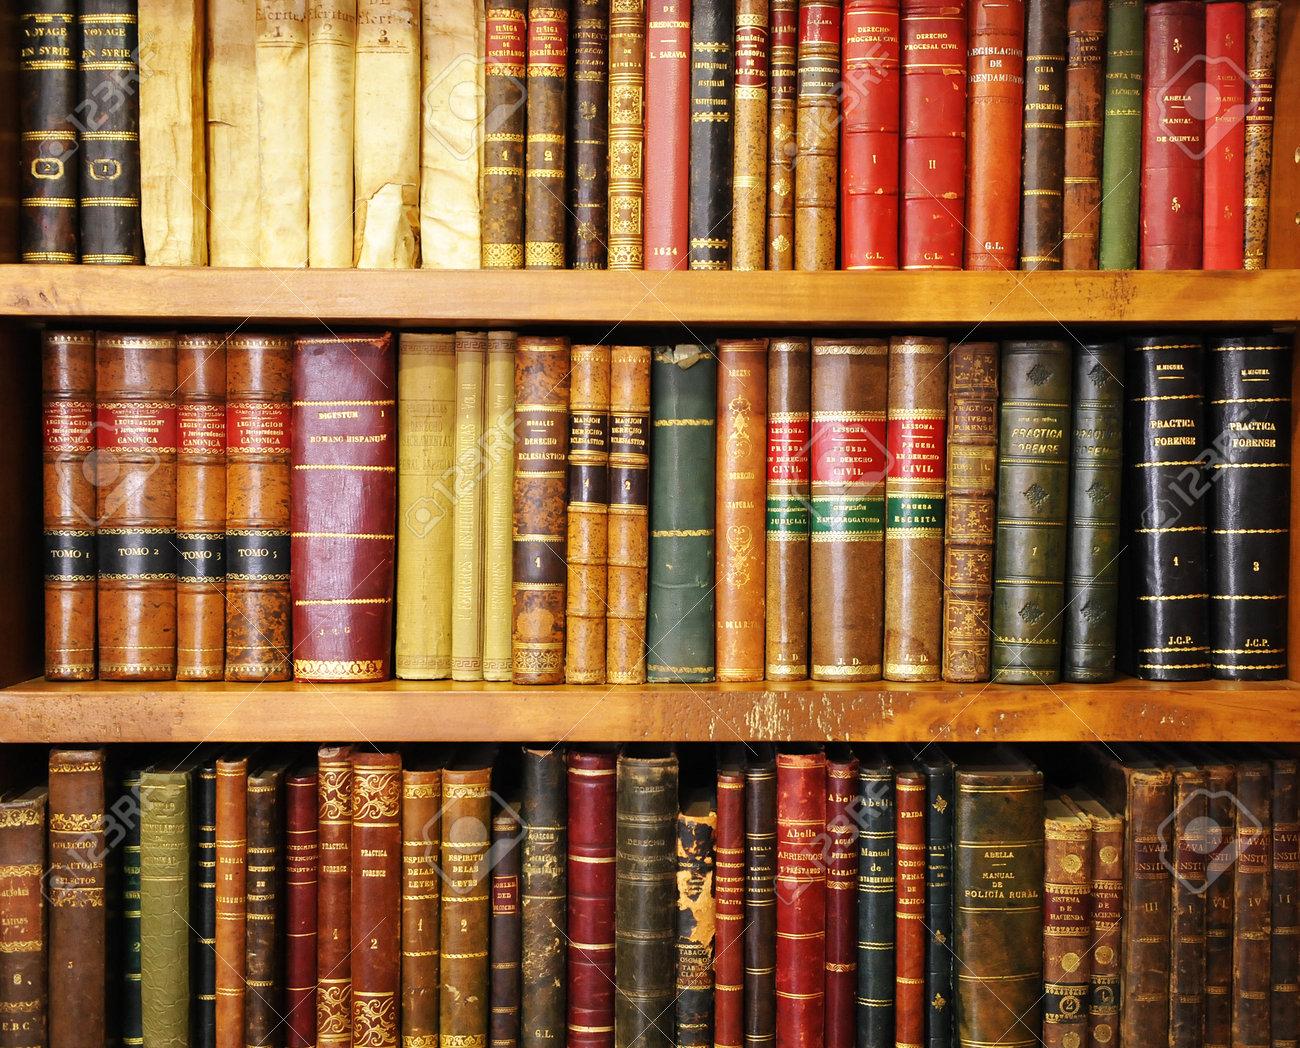 Biblioteca Estante De Libros Antiguos Librería Fotos Retratos